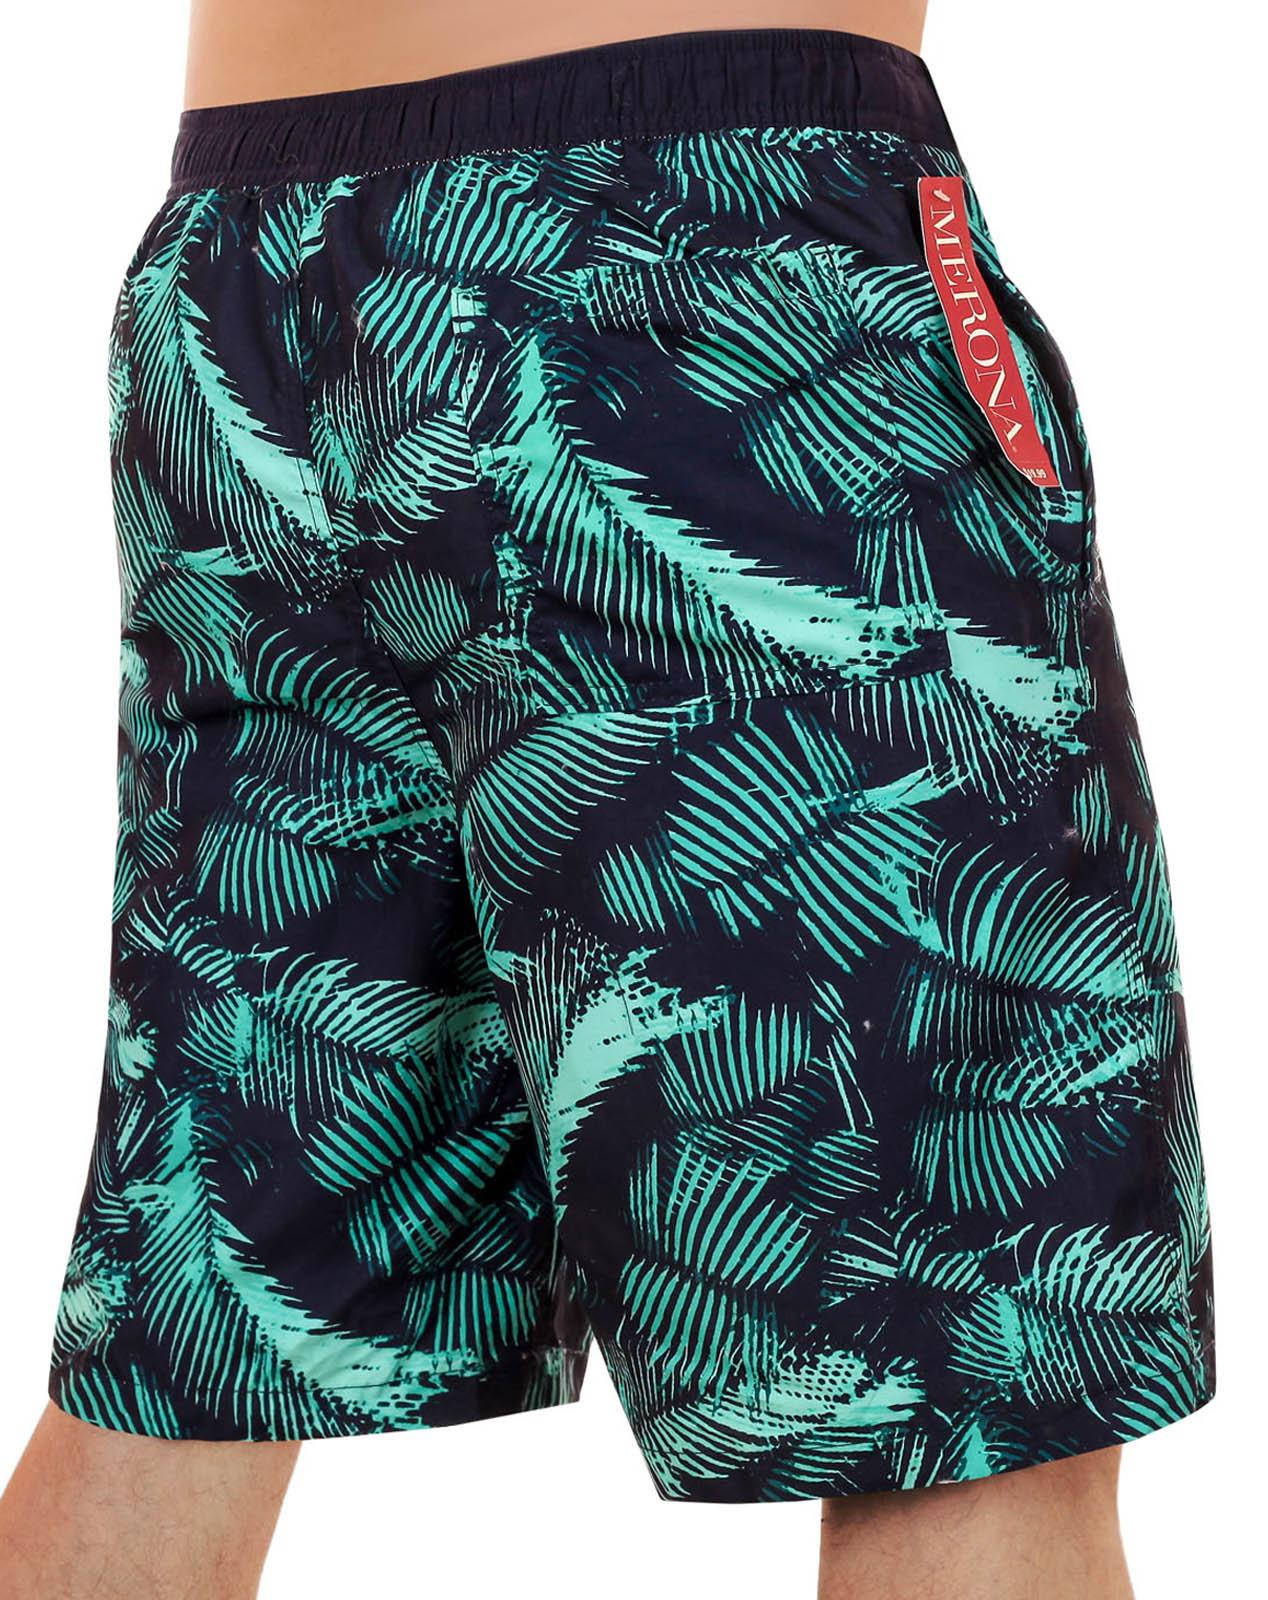 Корефанские шорты от Merona™ для кайфового отдыха на побережье Черного моря по лучшей цене